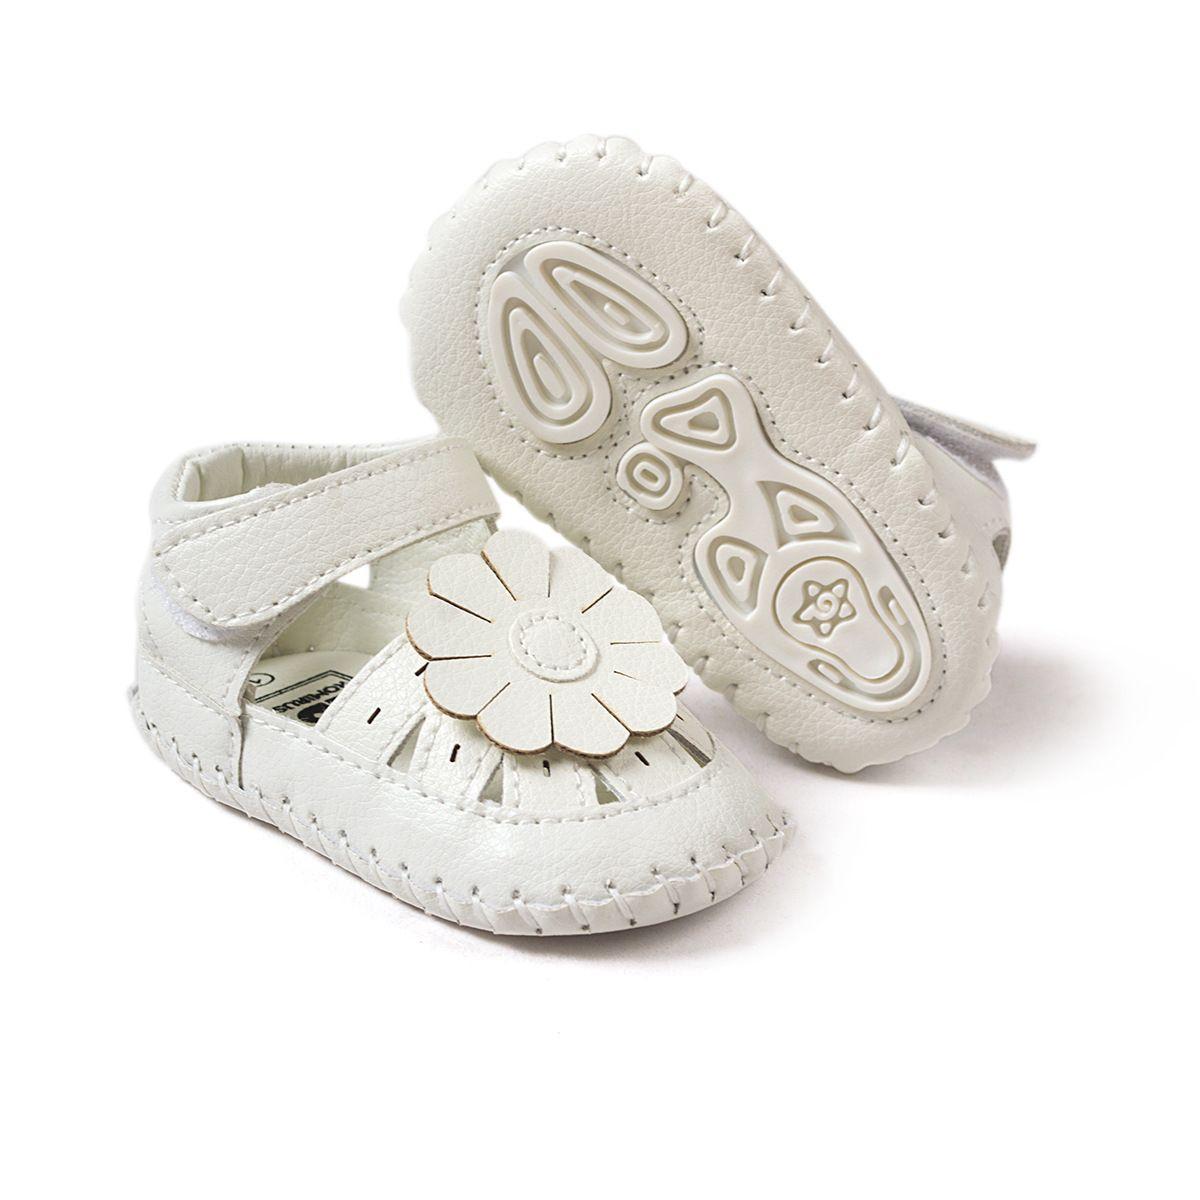 아기 첫 워커 새로운 패션 여름 아기 Gilrs 샌들 나 막 신 부드러운 유아와 플랫 유아 여자 아이 샌들 아기 신발 0-24months